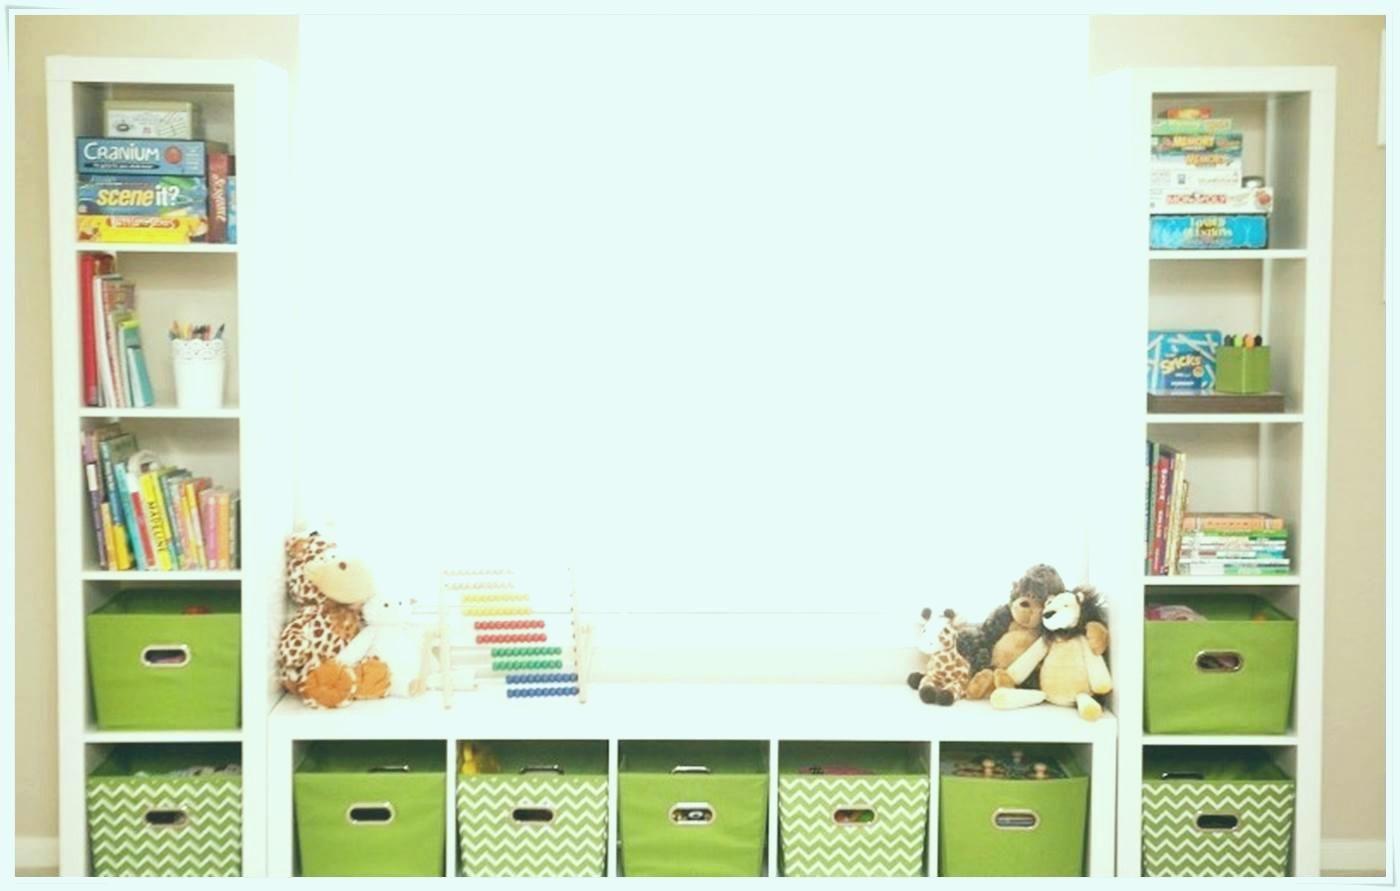 Full Size of Kinderzimmer Regal Aufbewahrung Regale Fr Graues Schlafzimmer Schreibtisch Kleiderschrank Rustikal Holz Aus Kisten Für Dachschrägen Schäfer Leiter Mit Wohnzimmer Kinderzimmer Regal